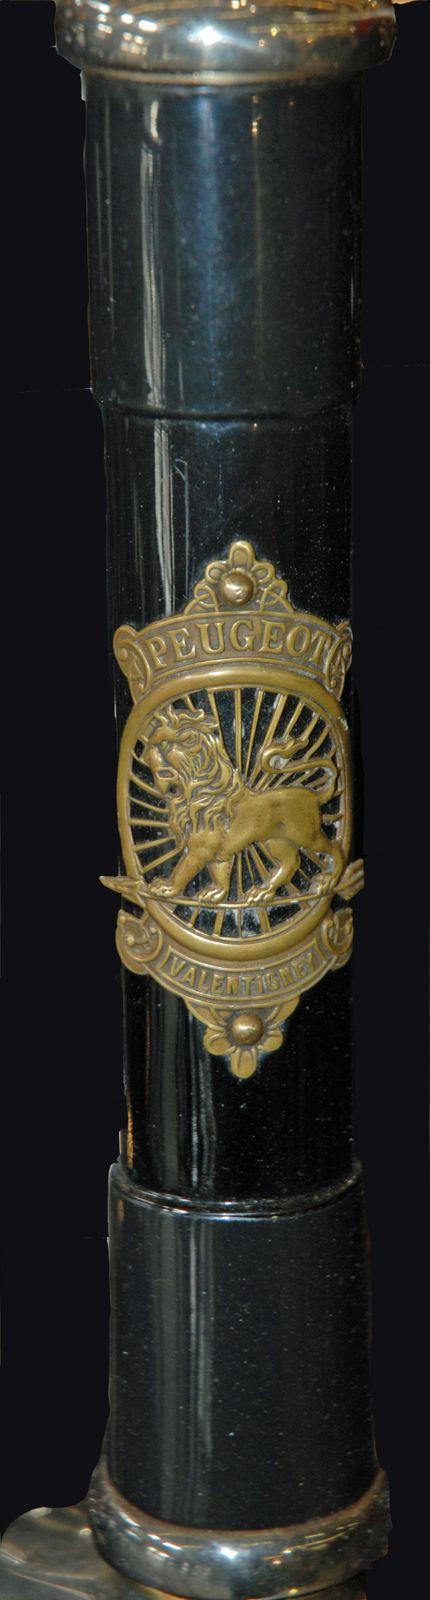 cyclo 1904 valentigney